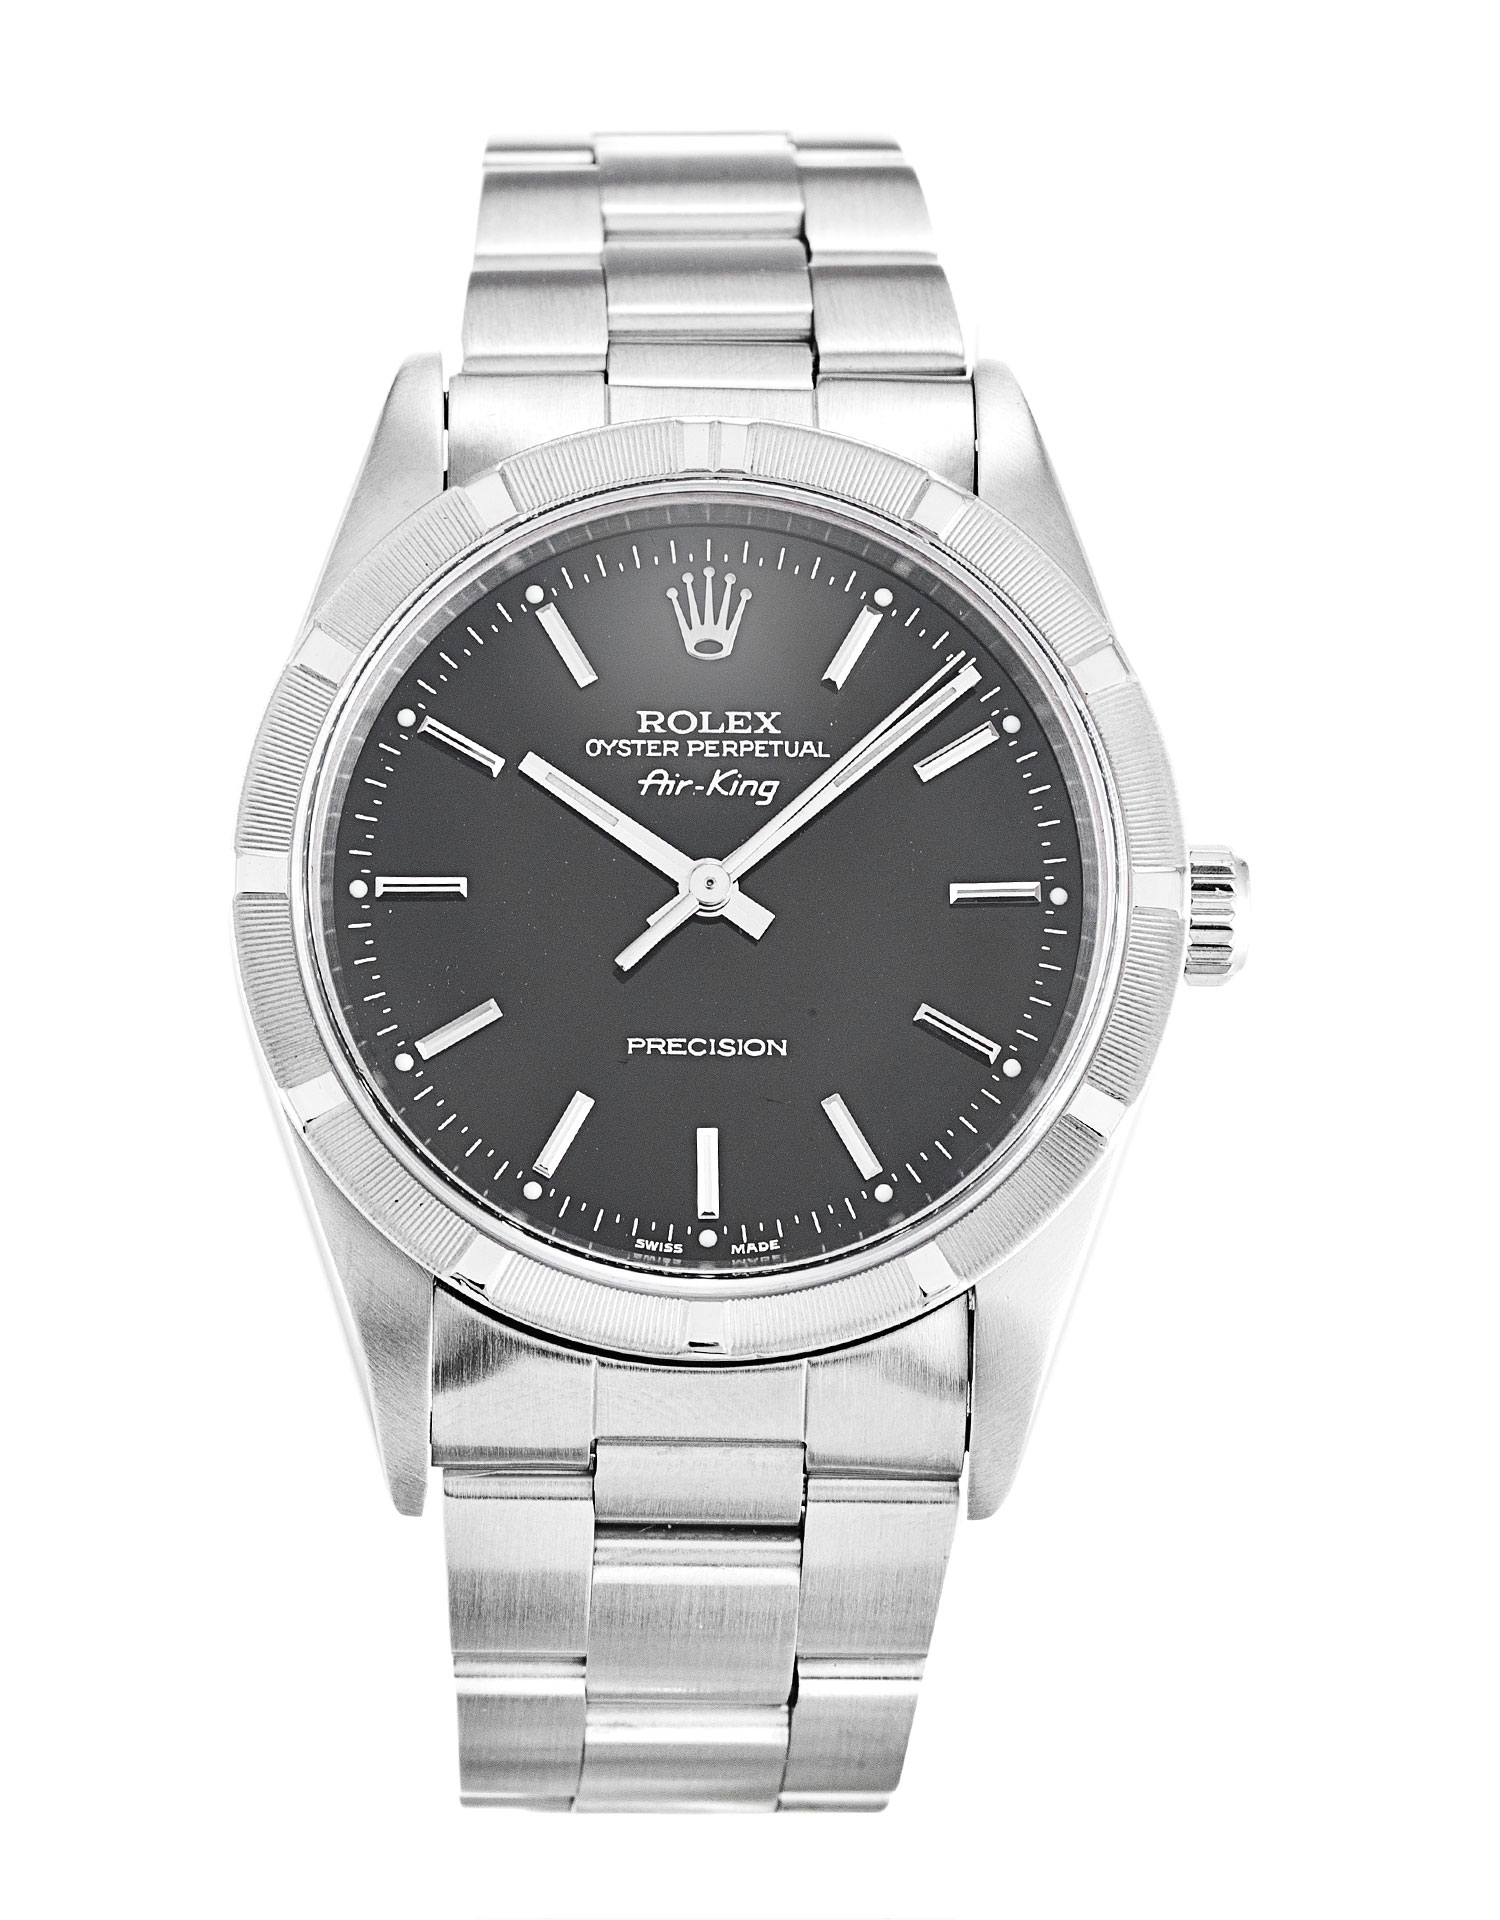 056e638cc3cd2 bem-vindo comprar melhor qualidade barata réplicas de relógios Rolex ...